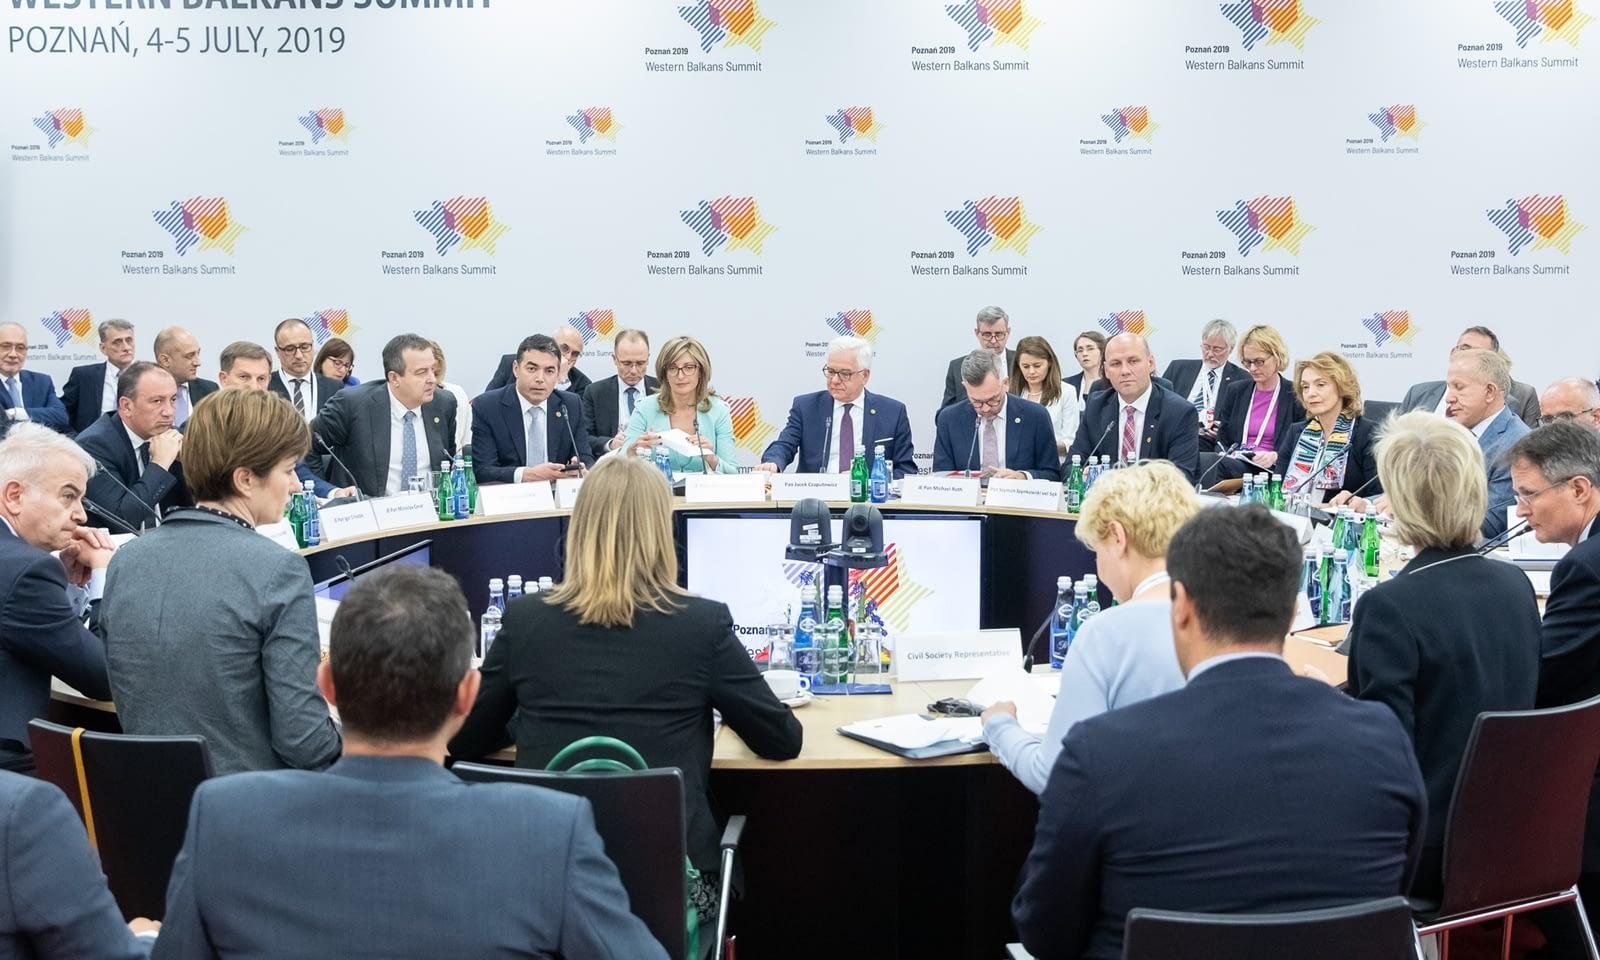 Szczyt Bałkanów Zachodnich 2019 Brill AV Media